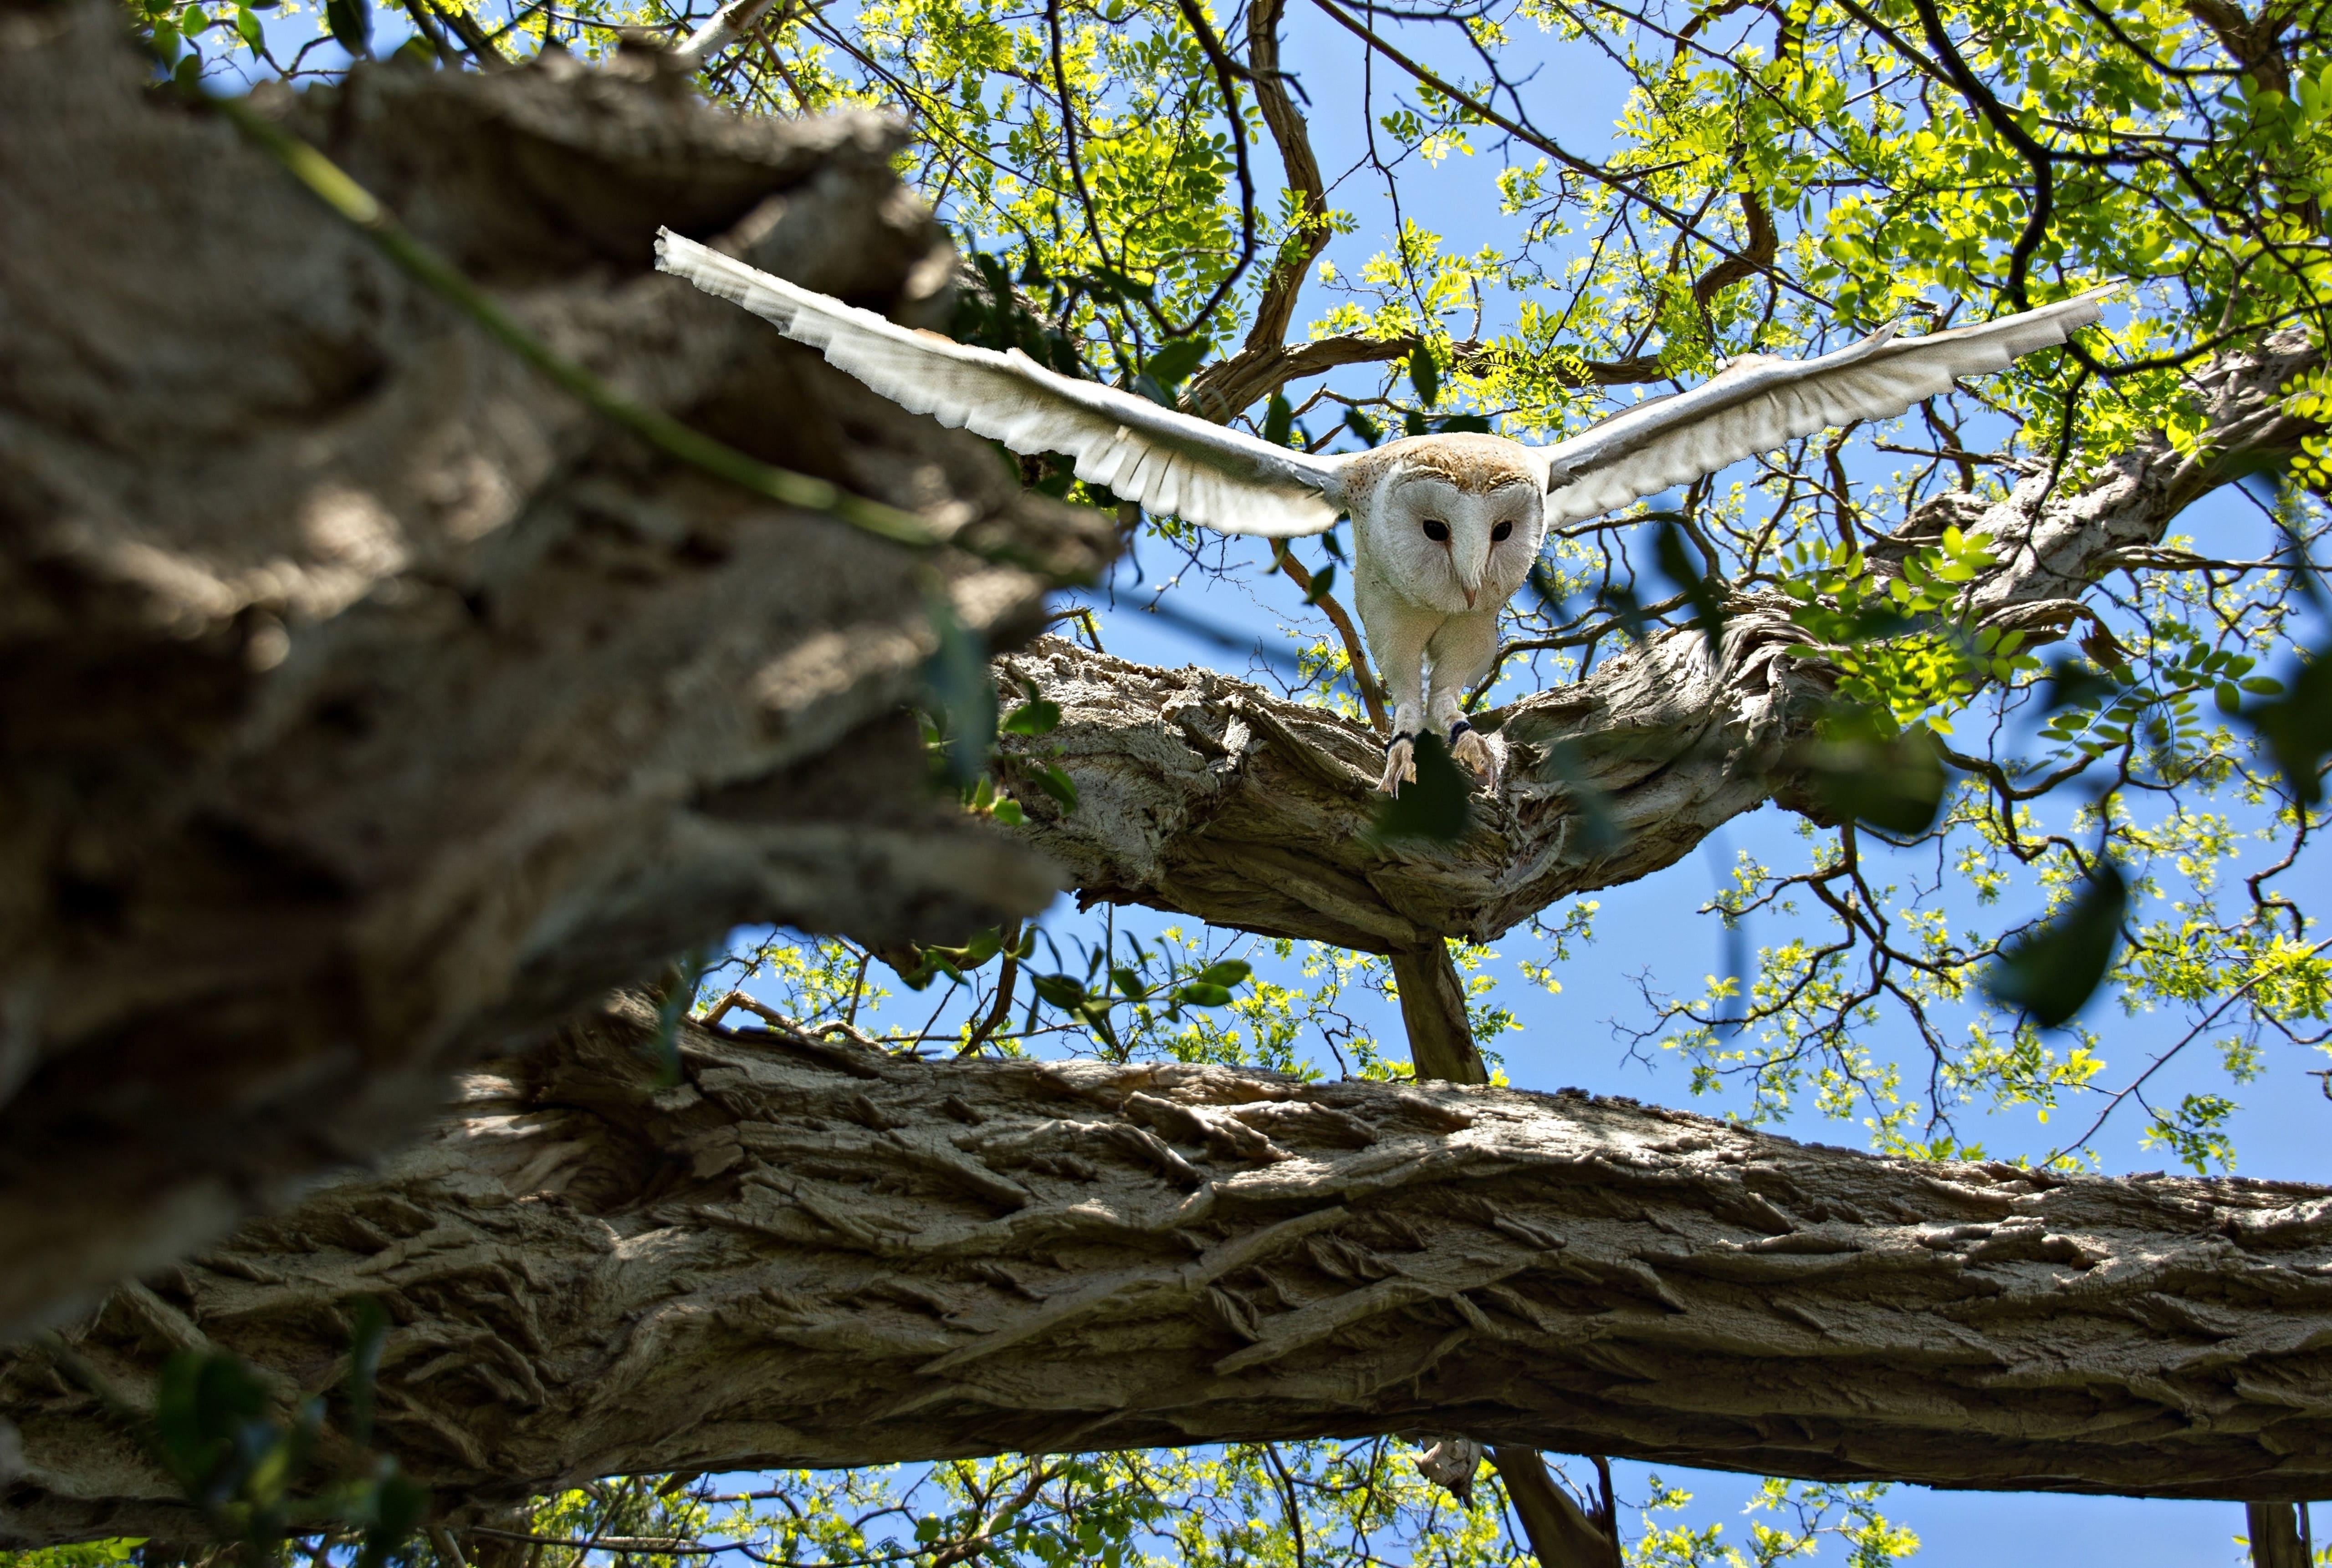 Большая белая сова взлетает с дерева, обои на телефон андроид птицы, 5120 на 3443 пикселей